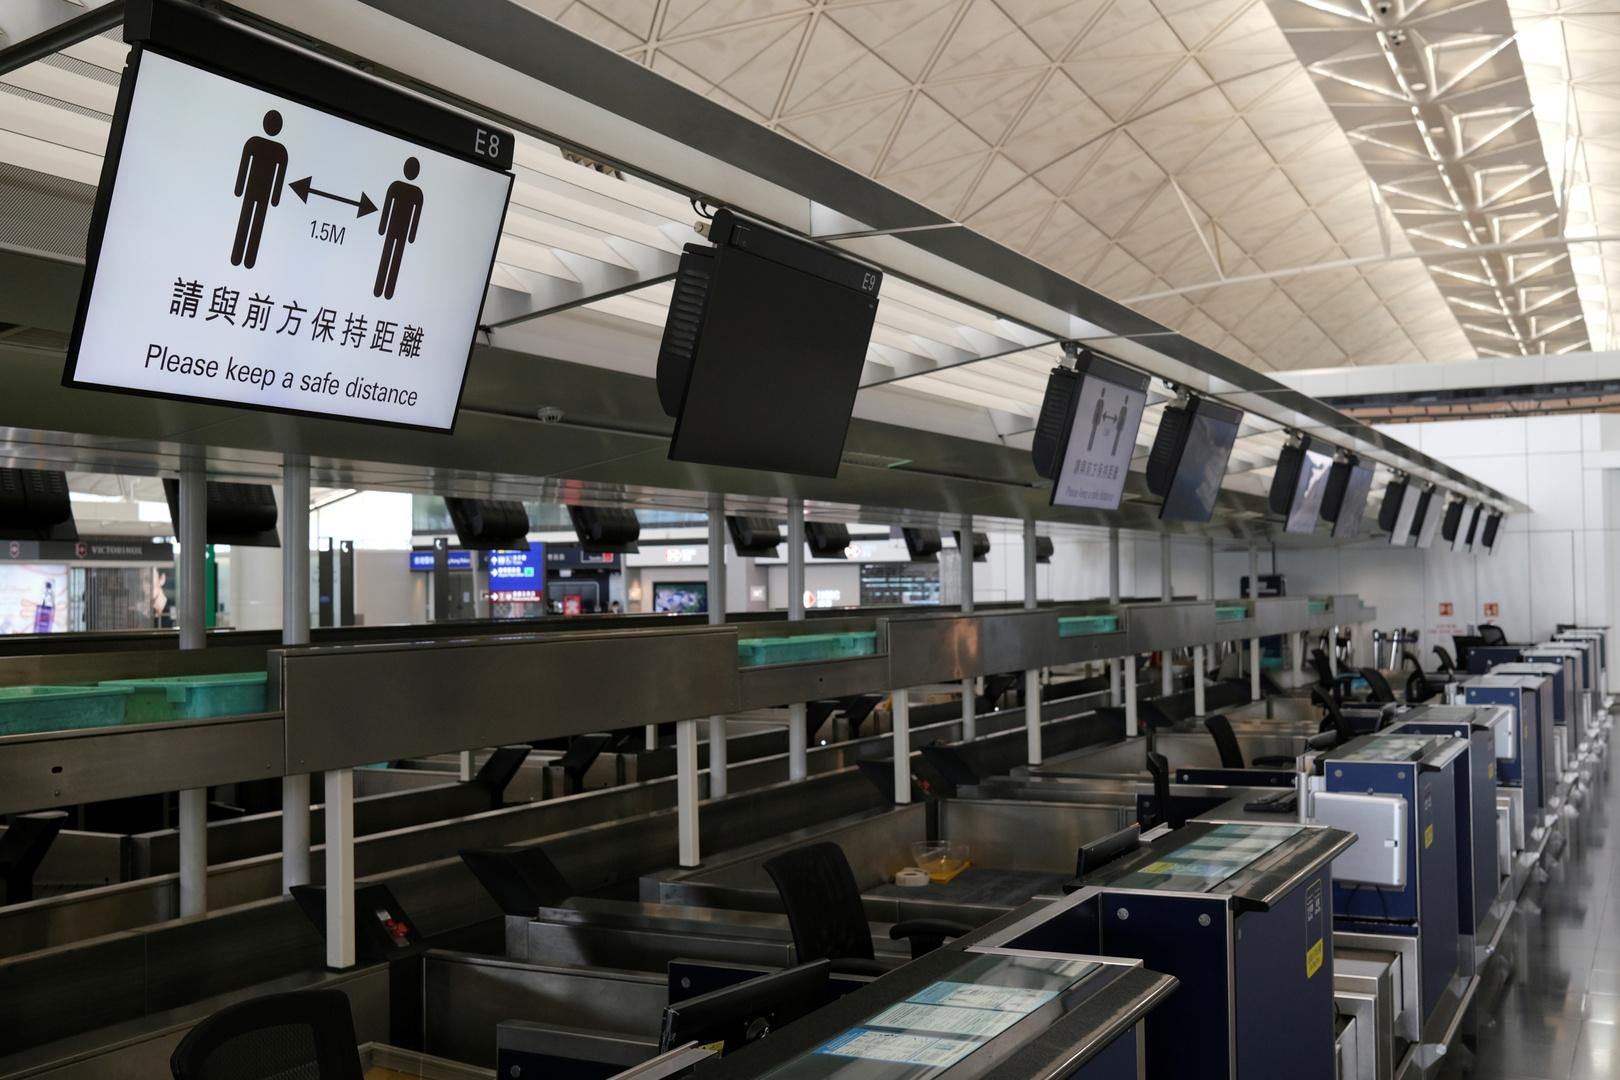 الصين تعلق الملاحة الجوية مع بريطانيا بسبب طفرة كورونا الجديدة